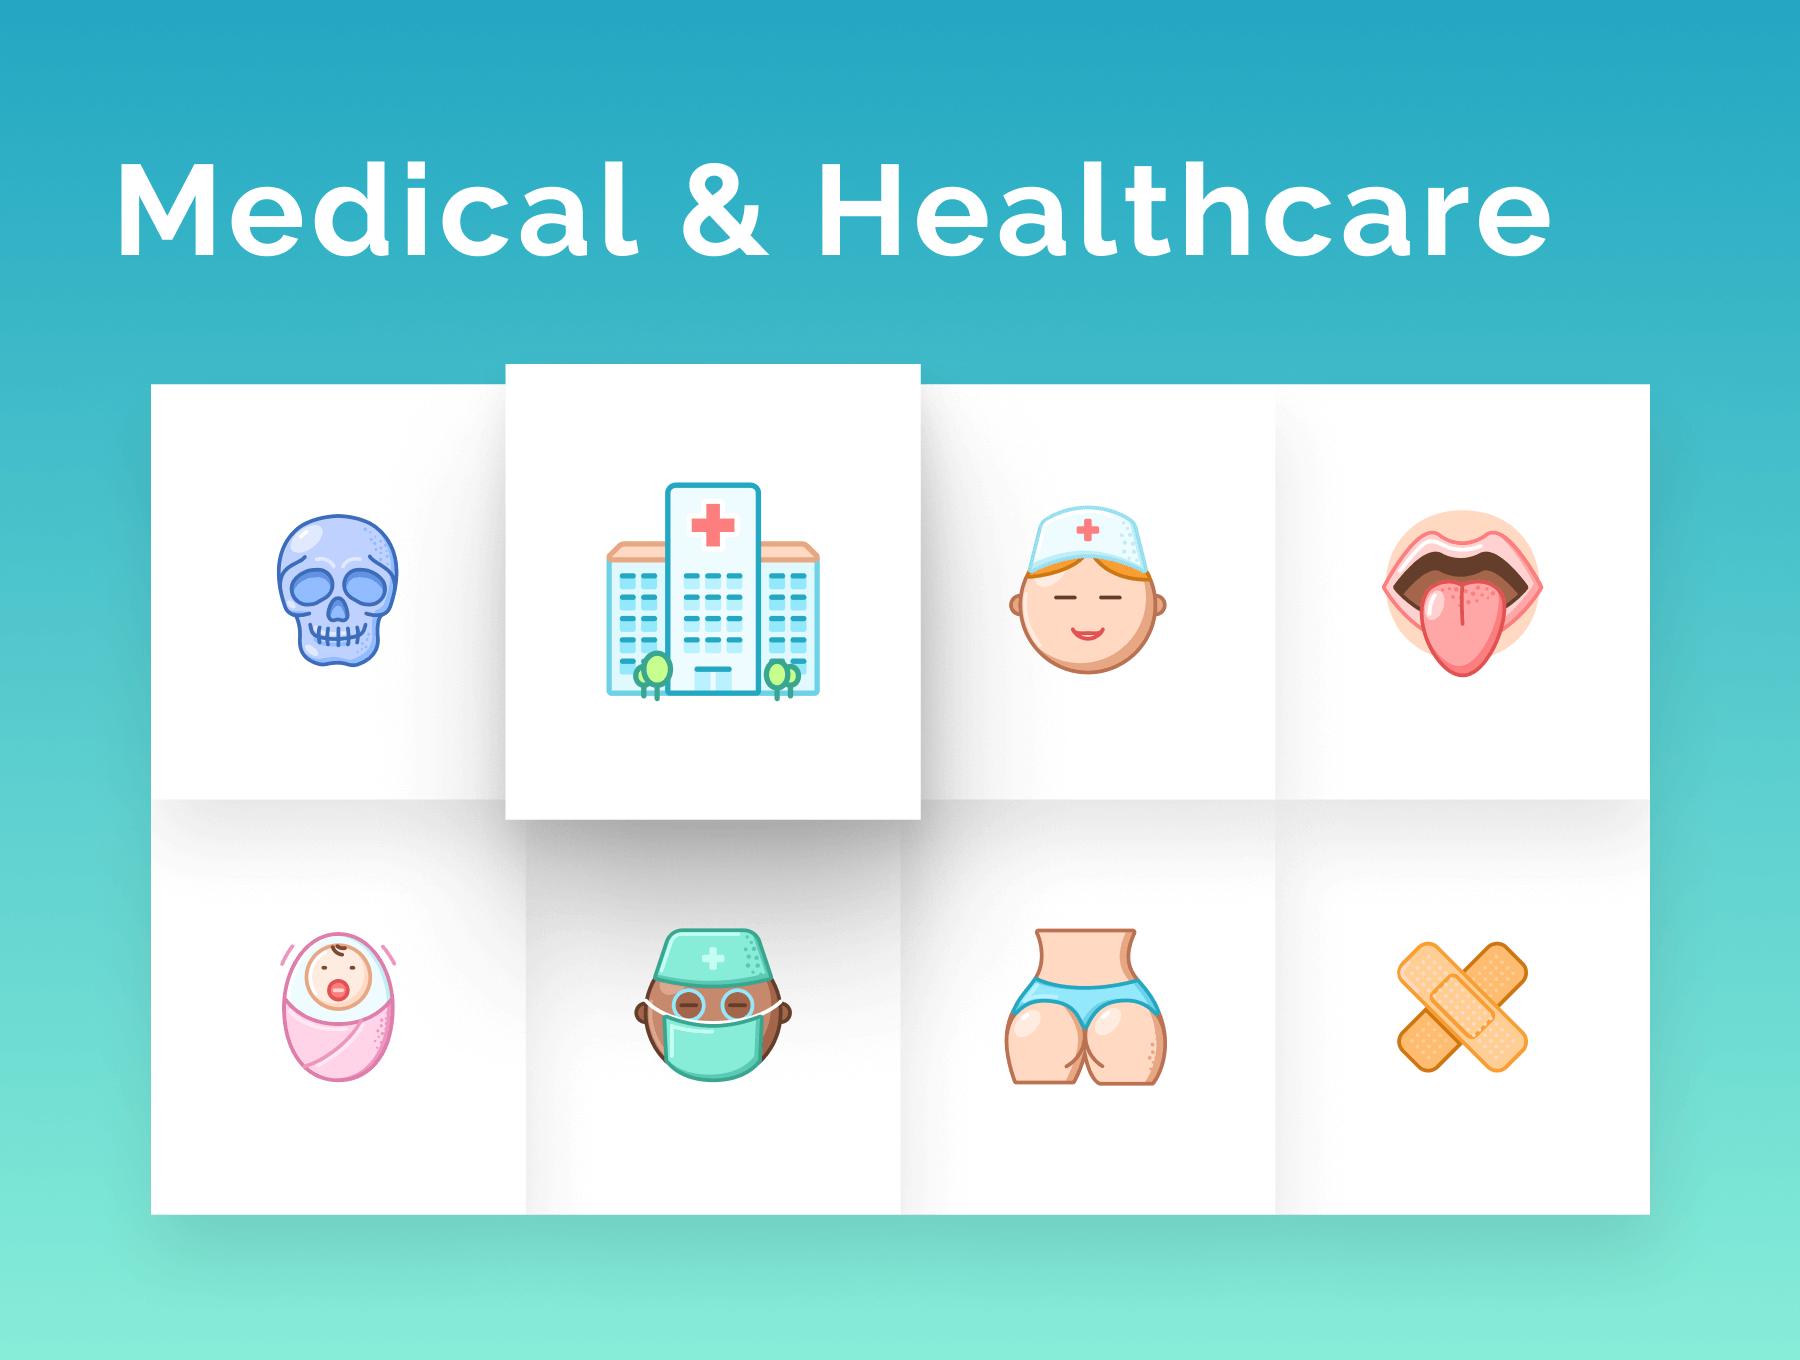 64个超有细节的医疗医院保健类ICON图标素材